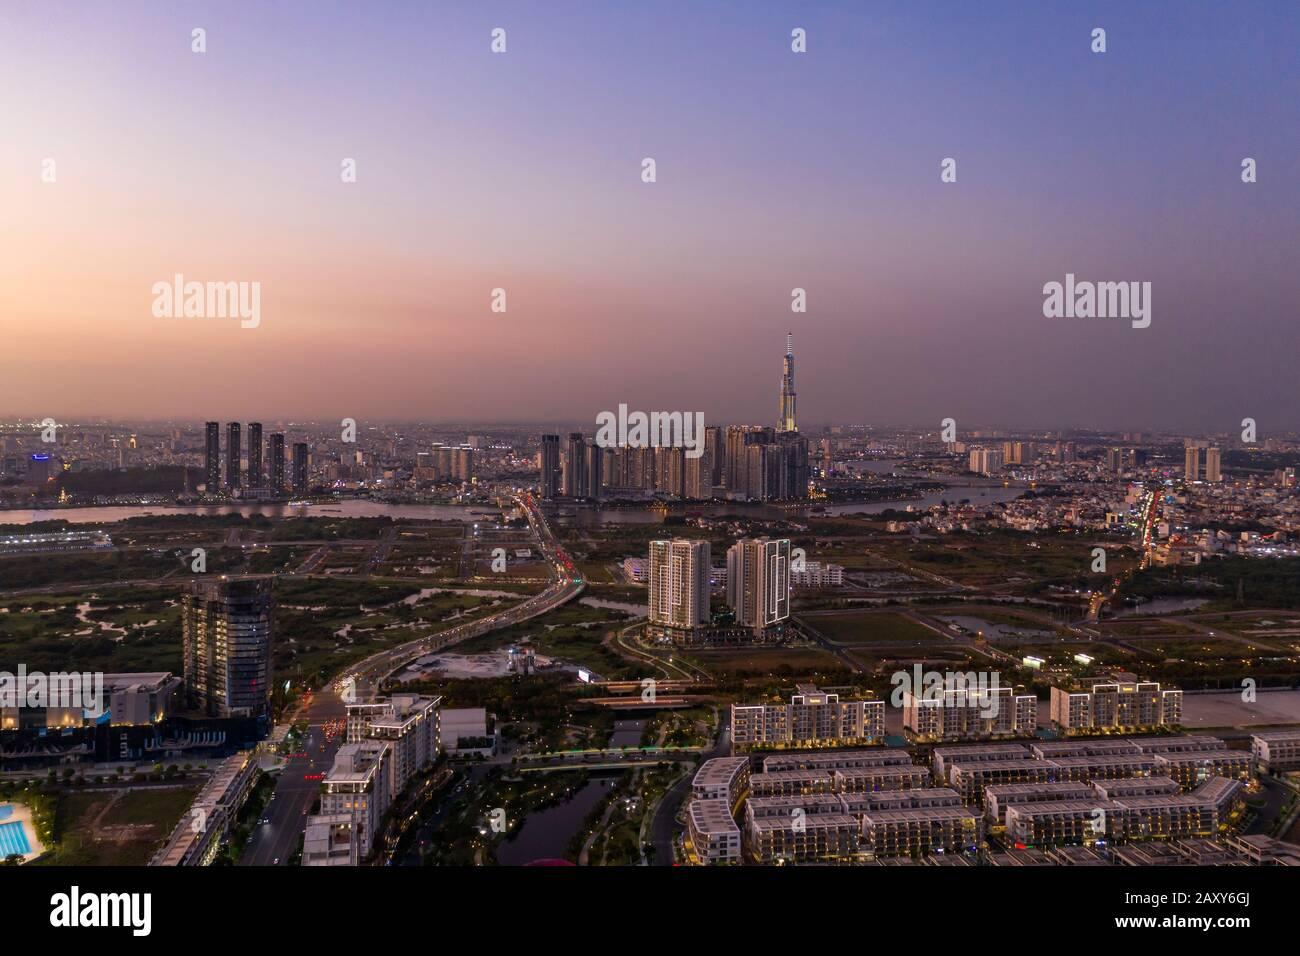 Vista aérea a los nuevos desarrollos inmobiliarios de lujo a lo largo del río Saigón desde el distrito de Jue Thiem, en Ciudad Ho Chi Minh, Vietnam al atardecer Foto de stock